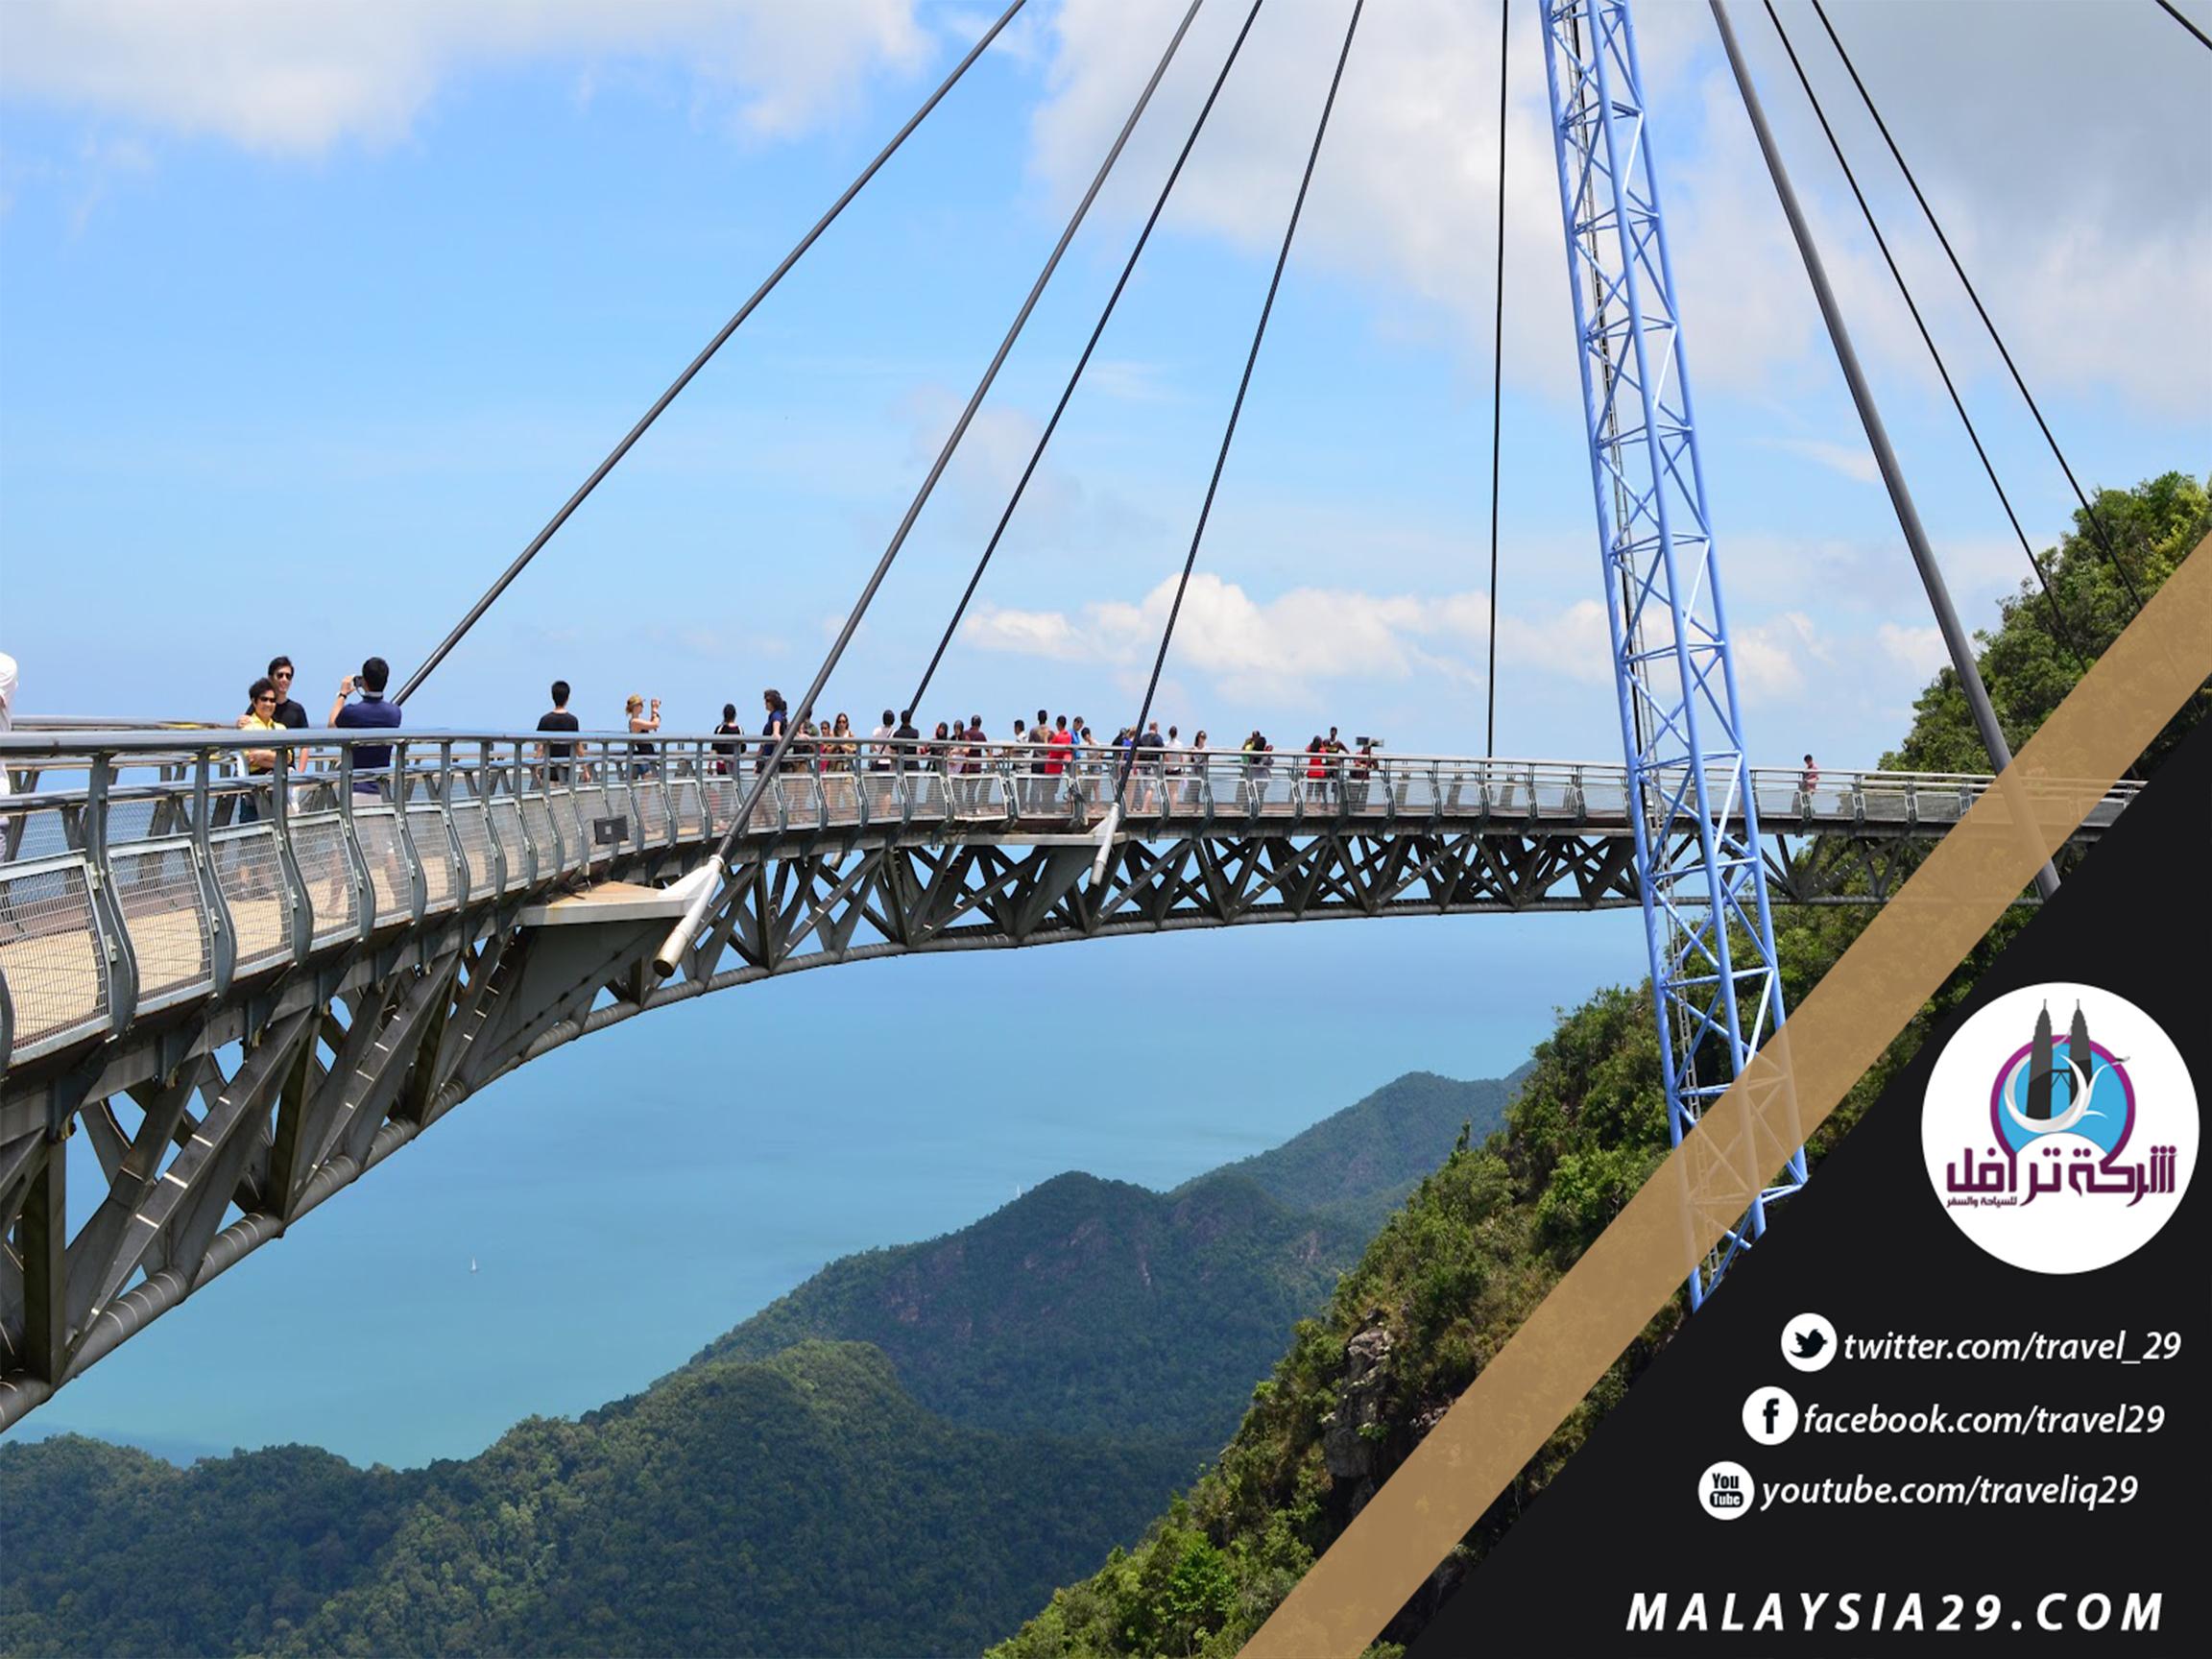 أفضل 5 انشطة في جسر لنكاوي سكاي ماليزيا | جسر لنكاوى سكاى ماليزيا